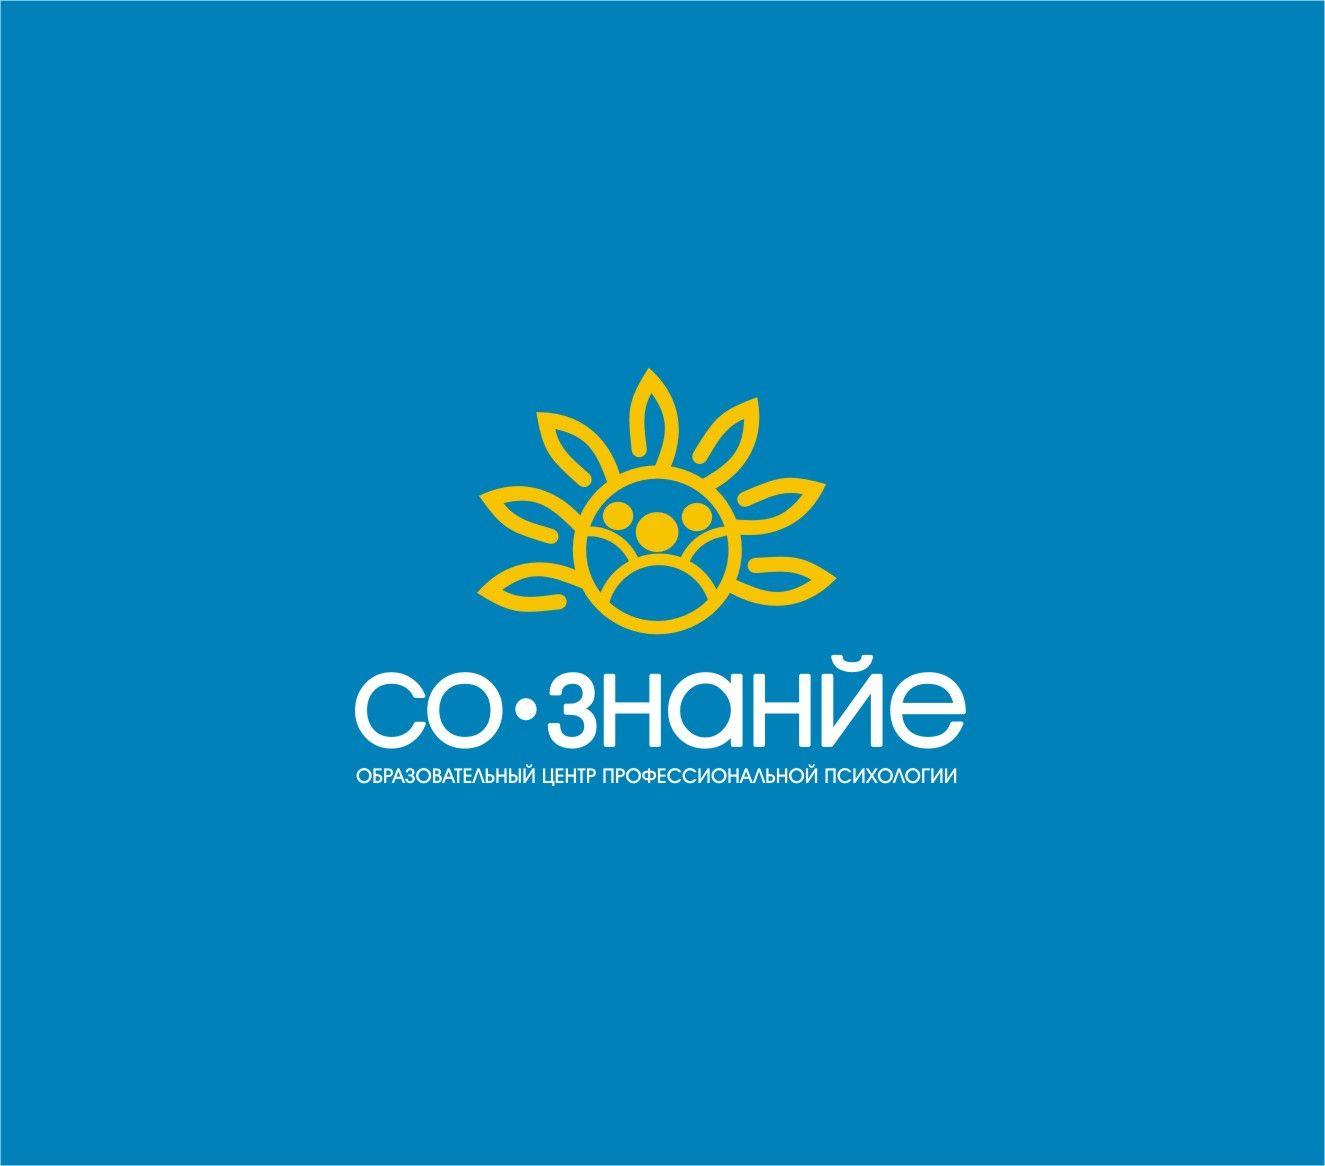 Логотип для СО-ЗНАНИЕ - дизайнер a-kllas